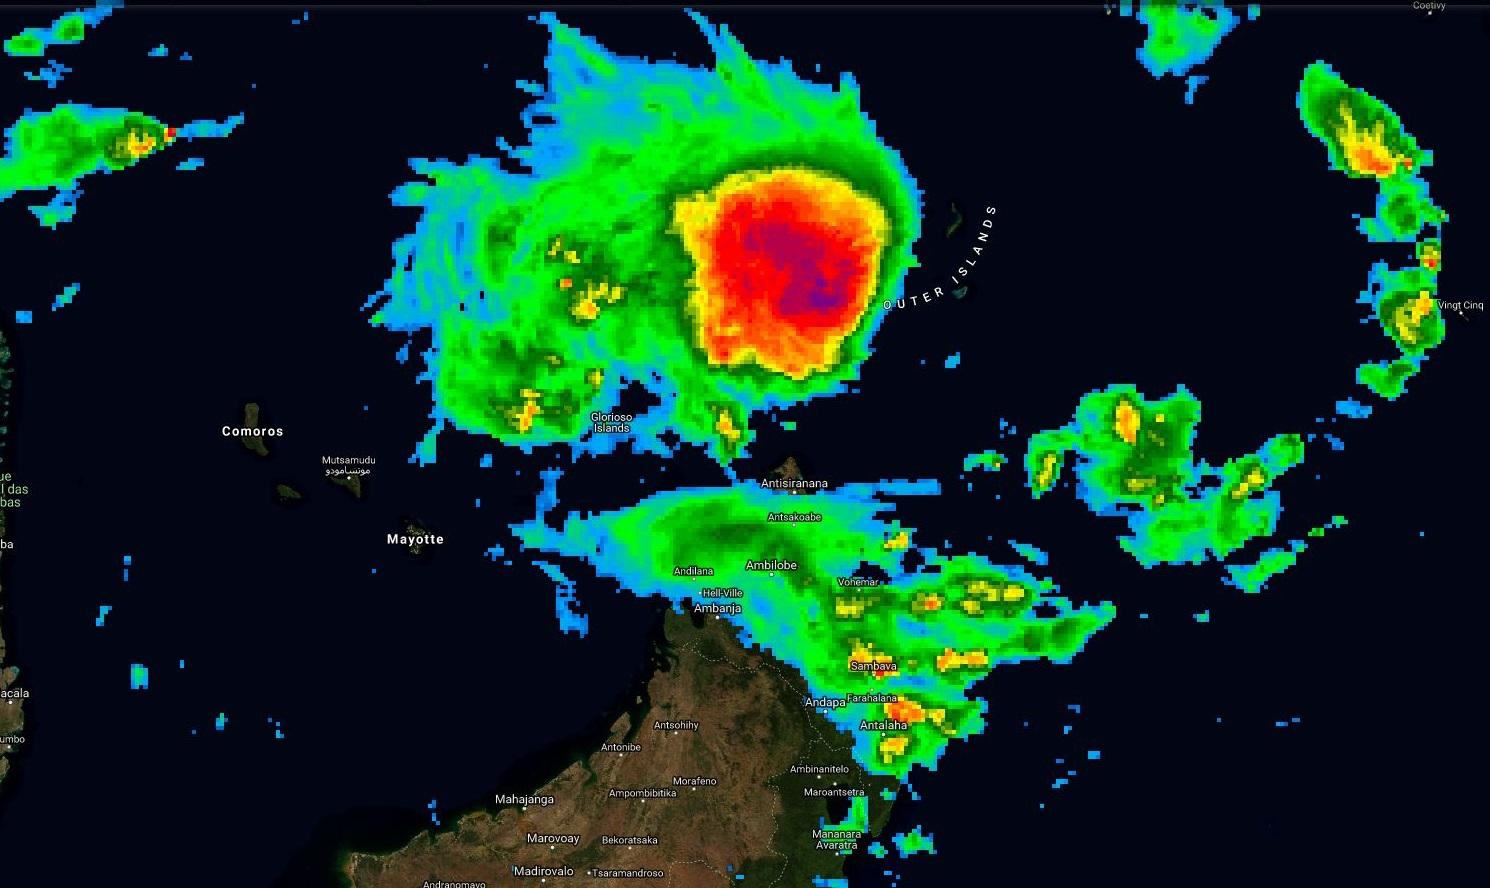 Photo satellite à midi. 24S s'organise rapidement au nord de la pointe nord de Madagascar. La partie centrale du système est bien organisée avec de la convection intense.